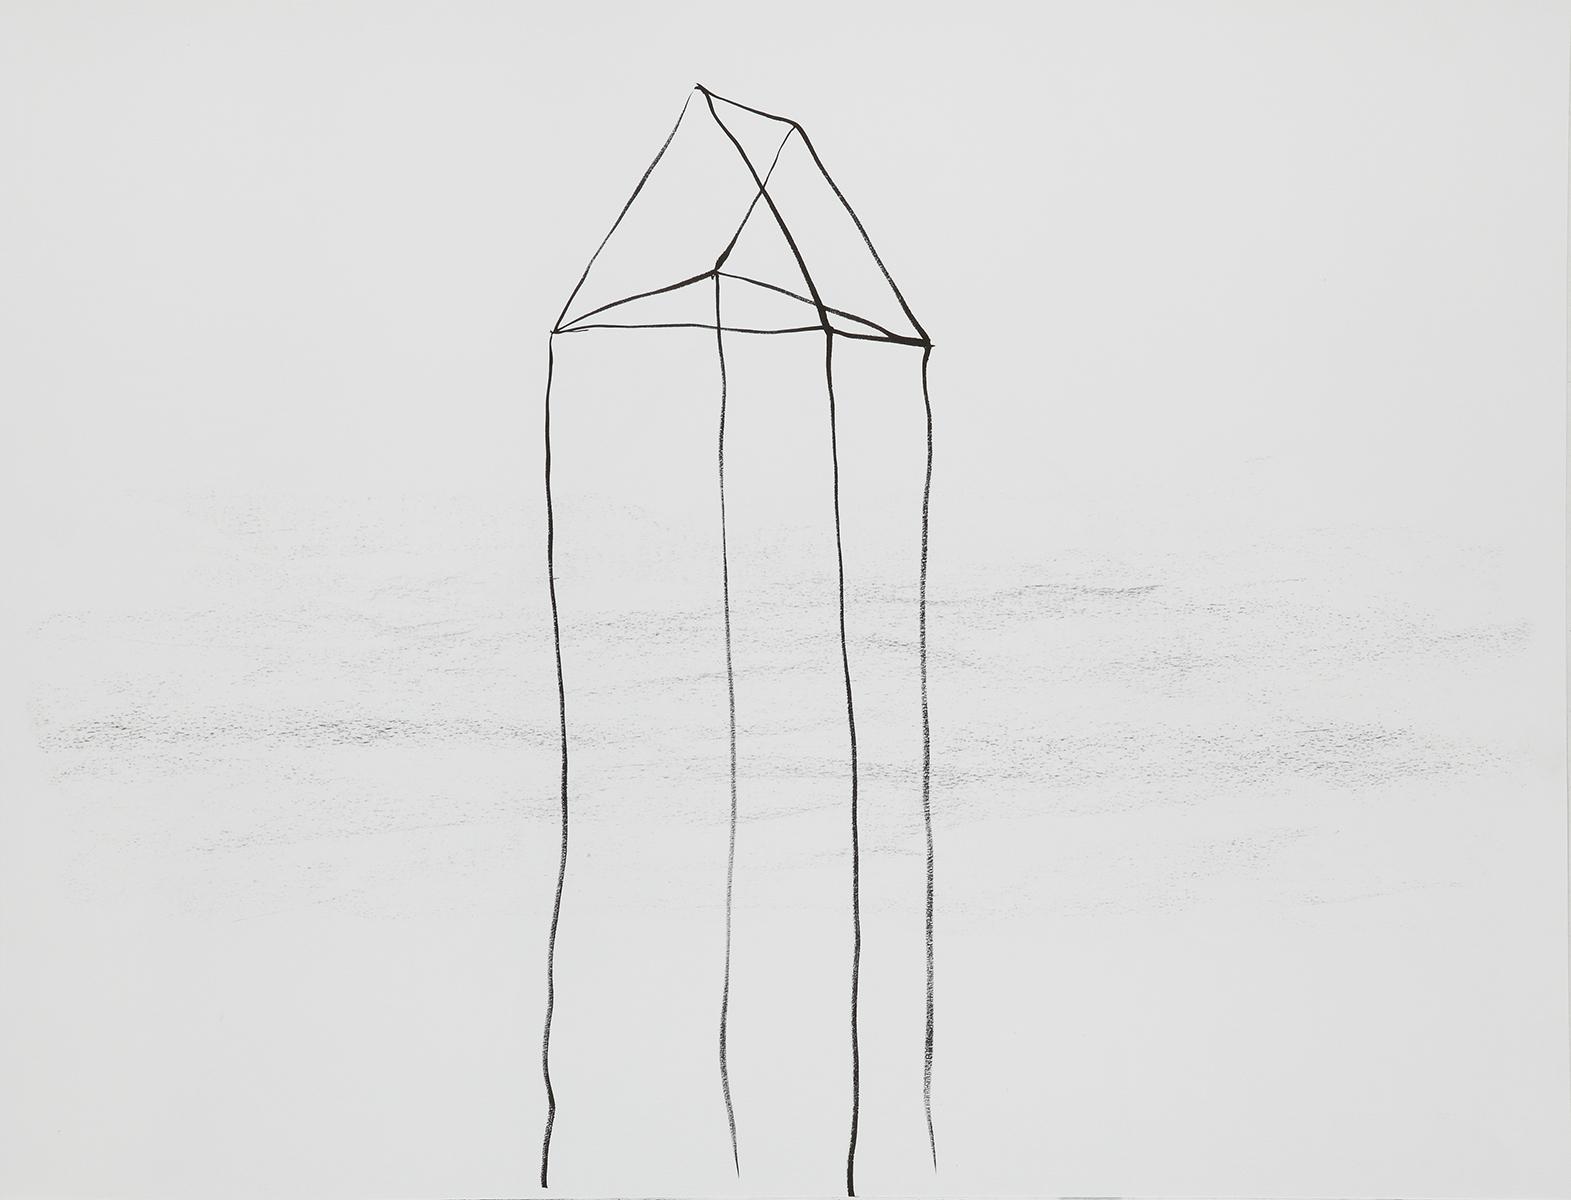 Huis 15 - Oost-Indische inkt & houtskool - 50 x 70 cm